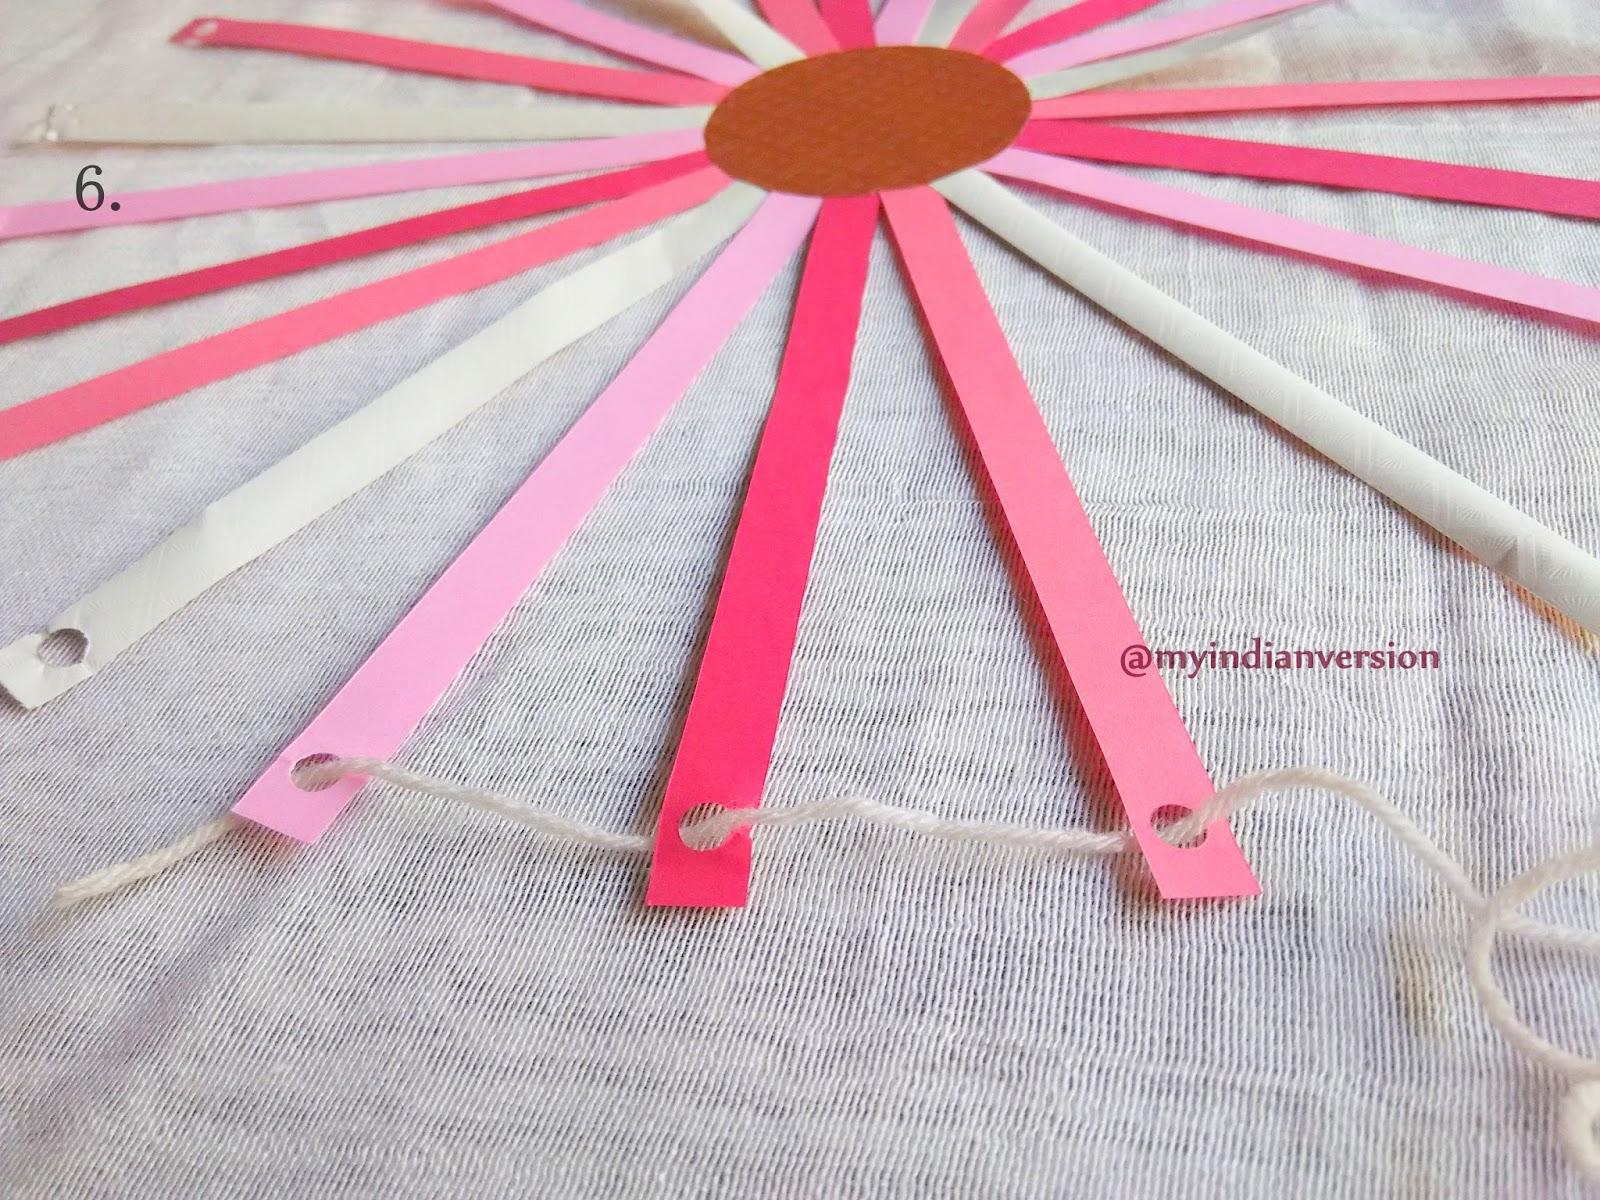 Diy Paper Lanterns My Indian Version Diy How To Make Paper Lantern Photo Tutorial